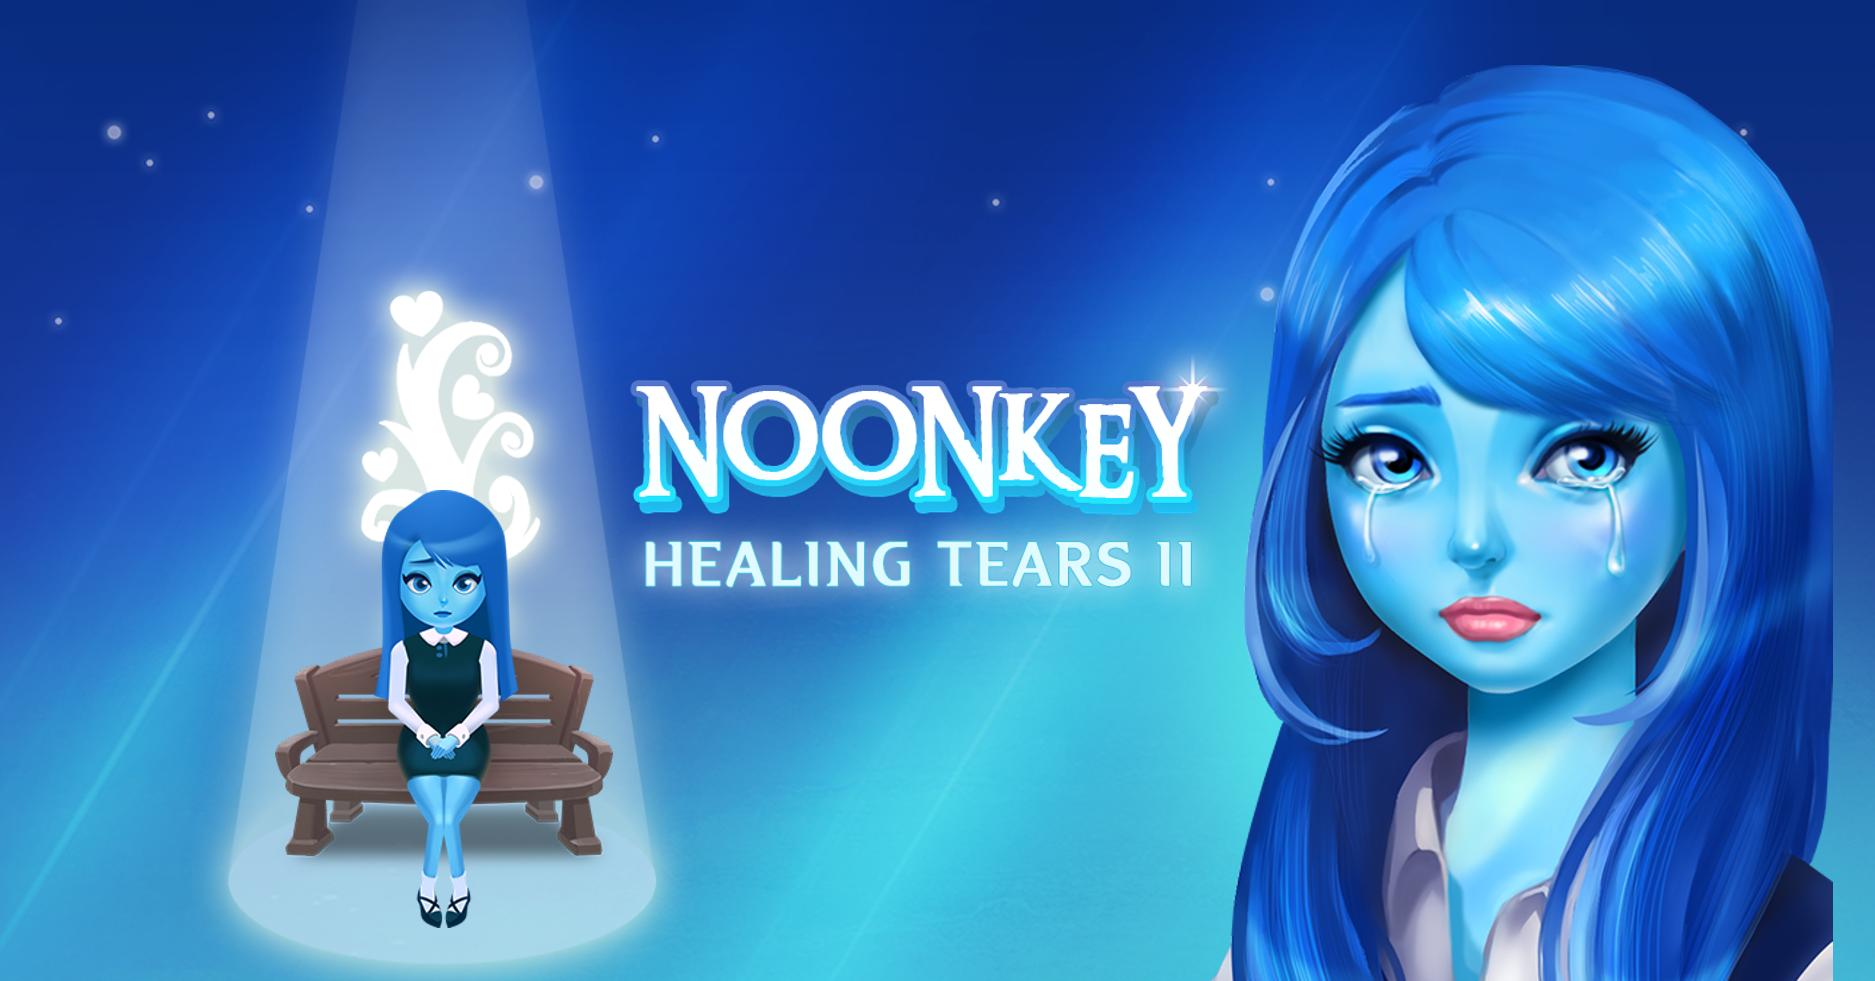 눈키2 - 눈물로 키우는 행복정원